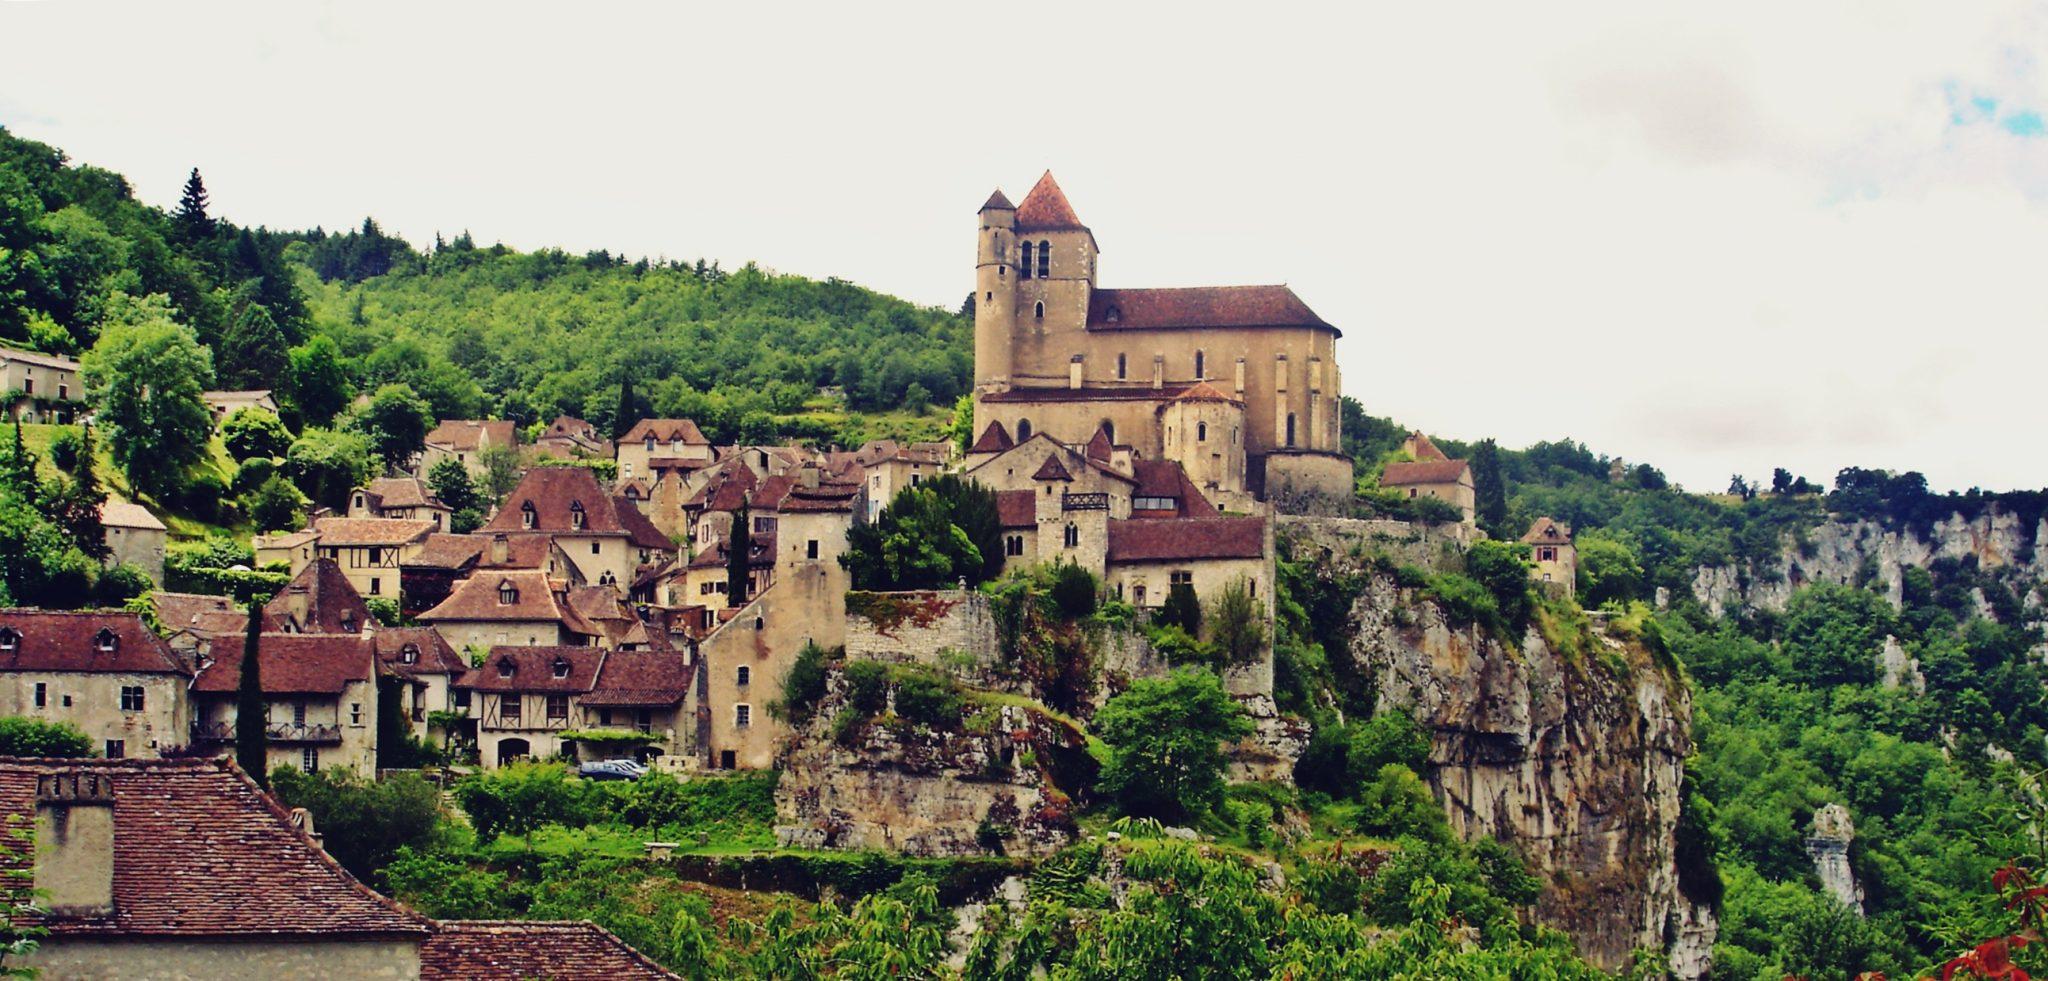 pueblos bonitos francia saint cirq la popie